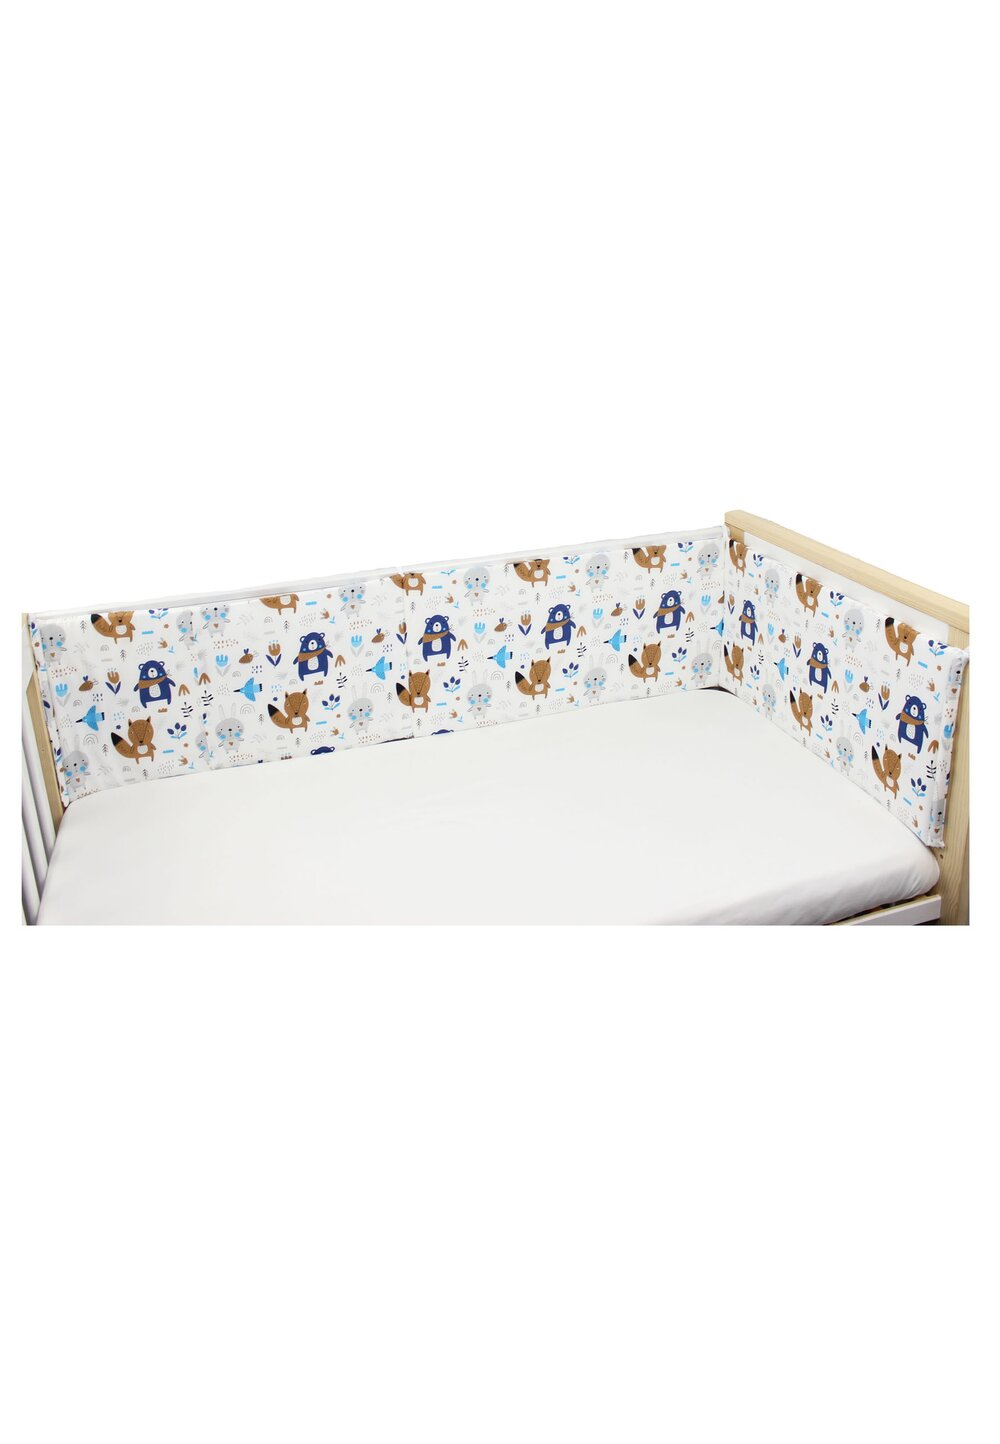 Aparatoare laterala patut, Ursuletul cu esarfa, albastru, 180 x 30 cm imagine